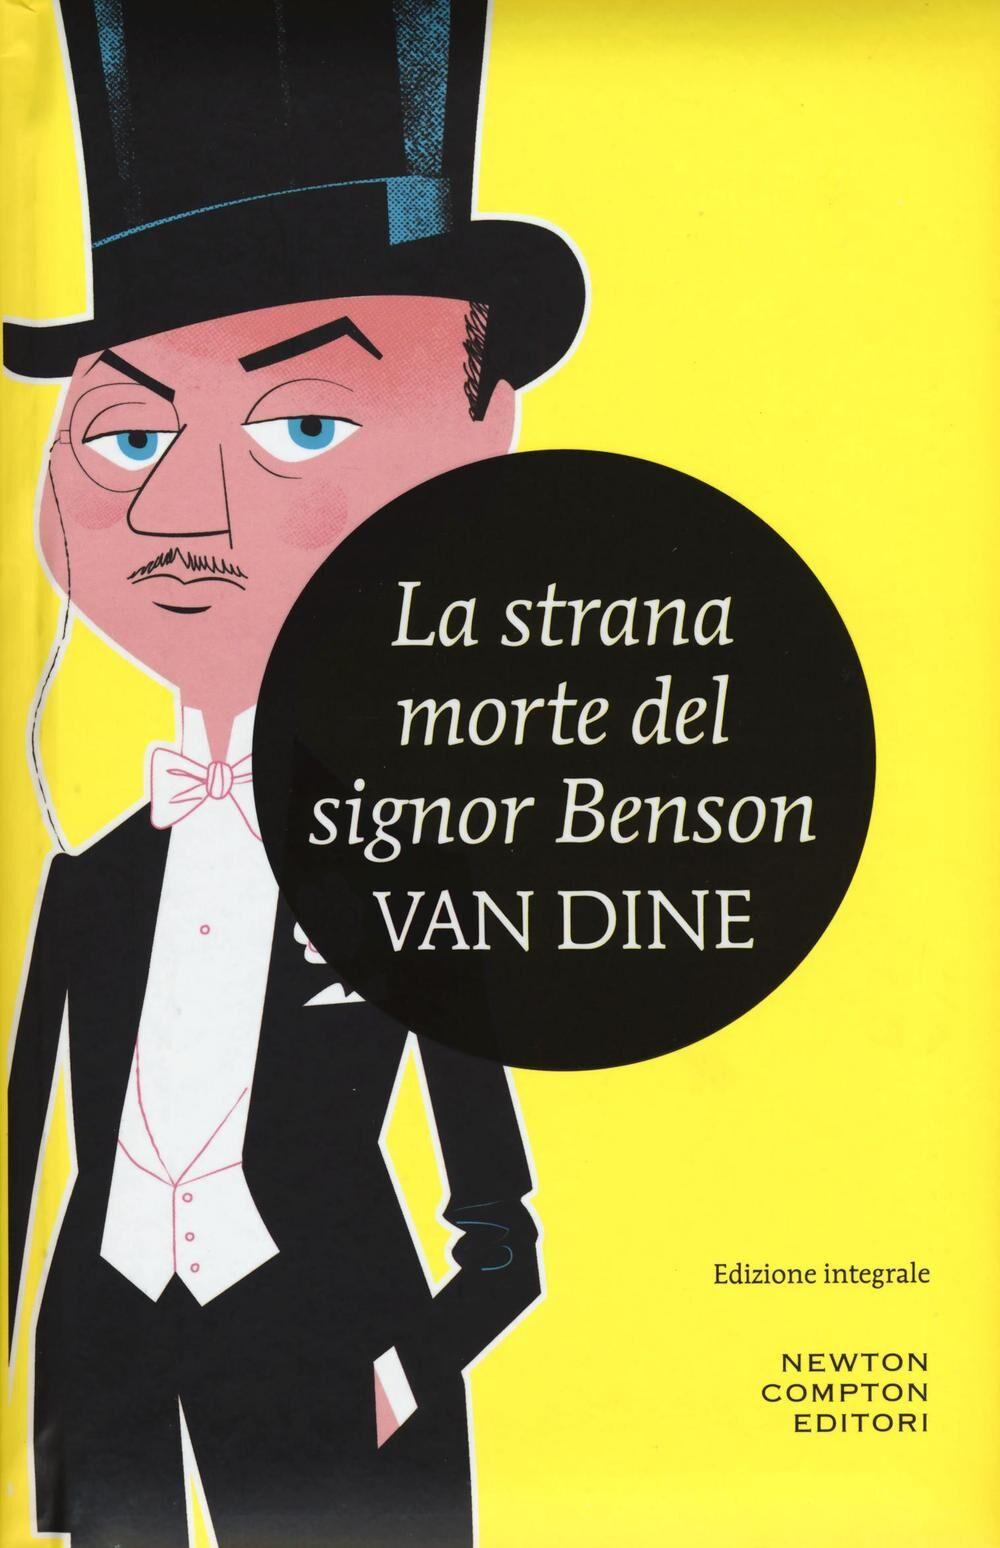 La strana morte del signor Benson